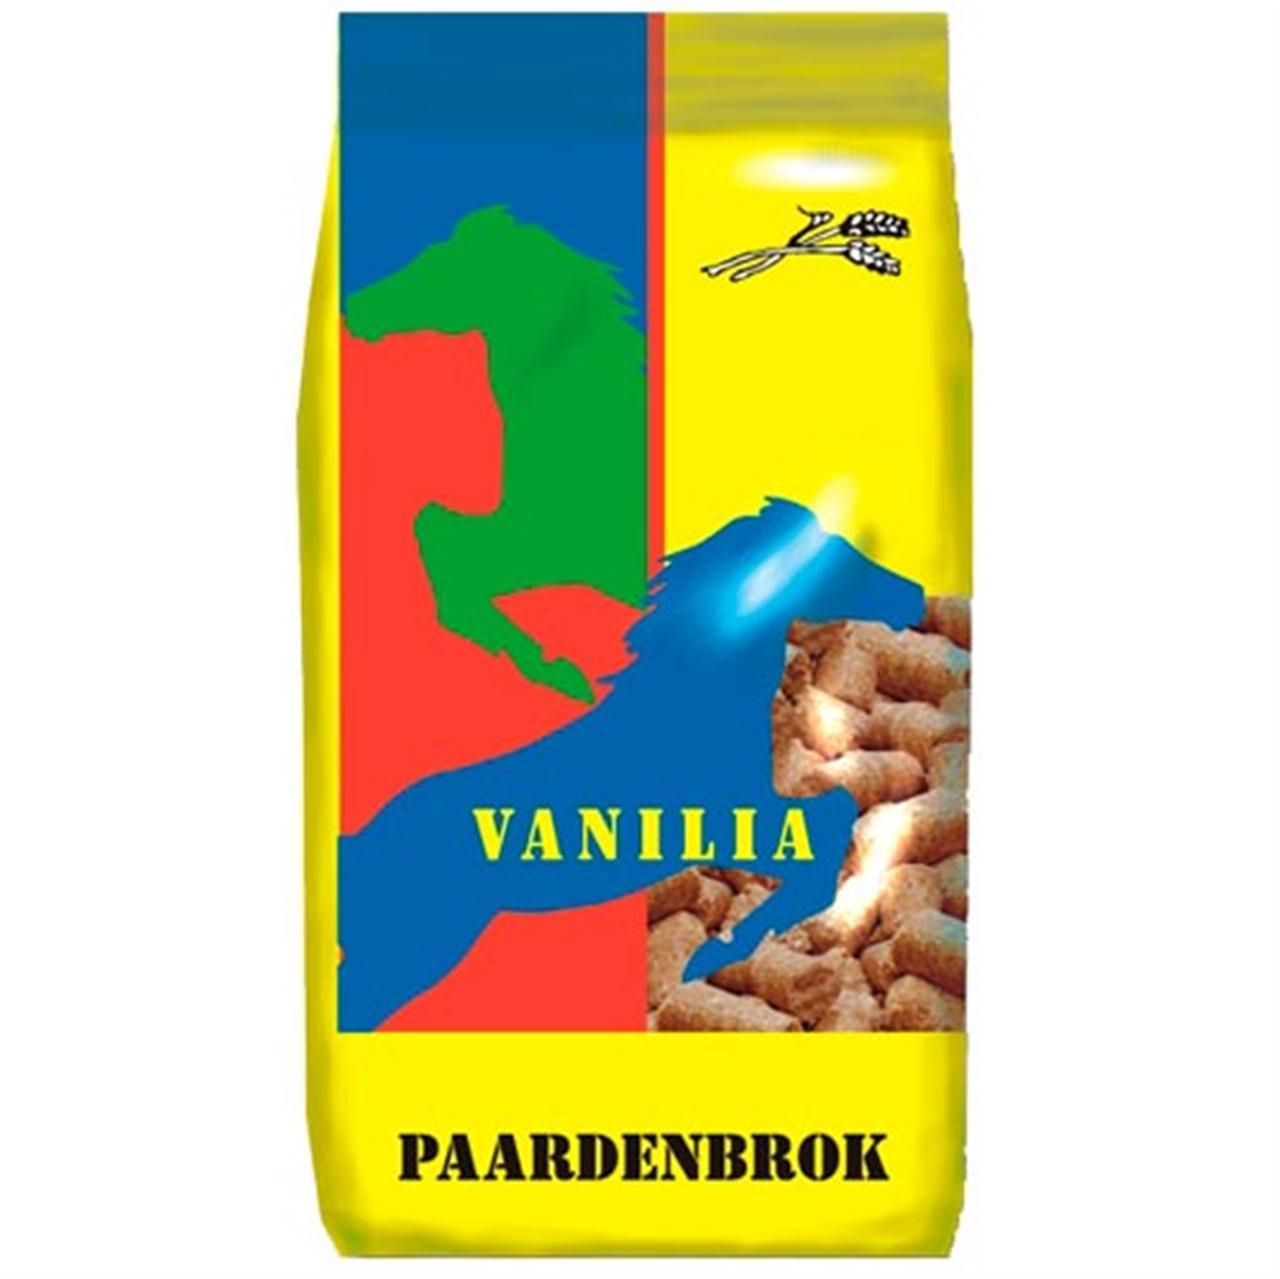 Vanilia Paardenbrok